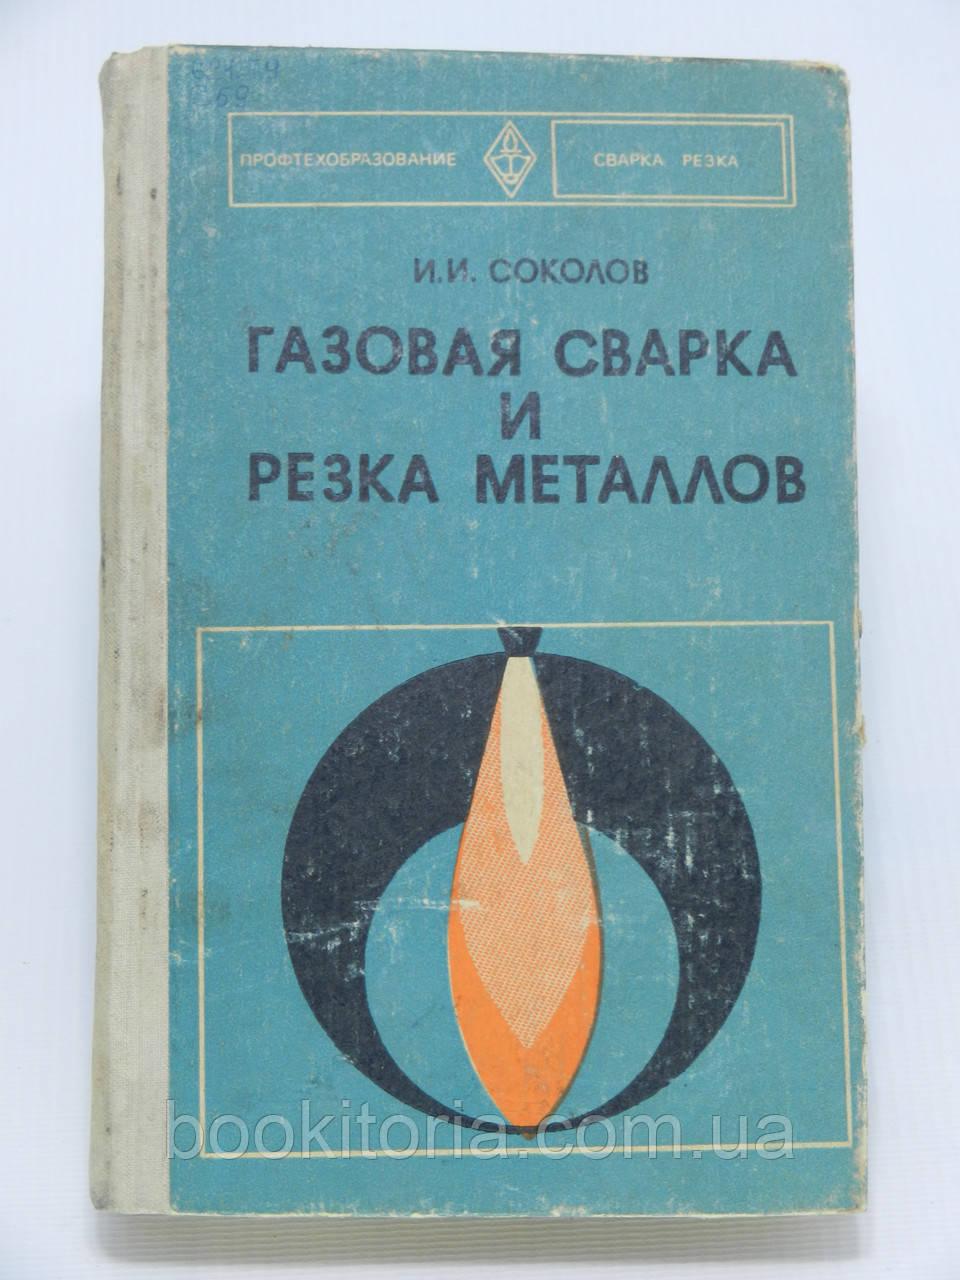 Соколов И.И. Газовая сварка и резка металлов (б/у).